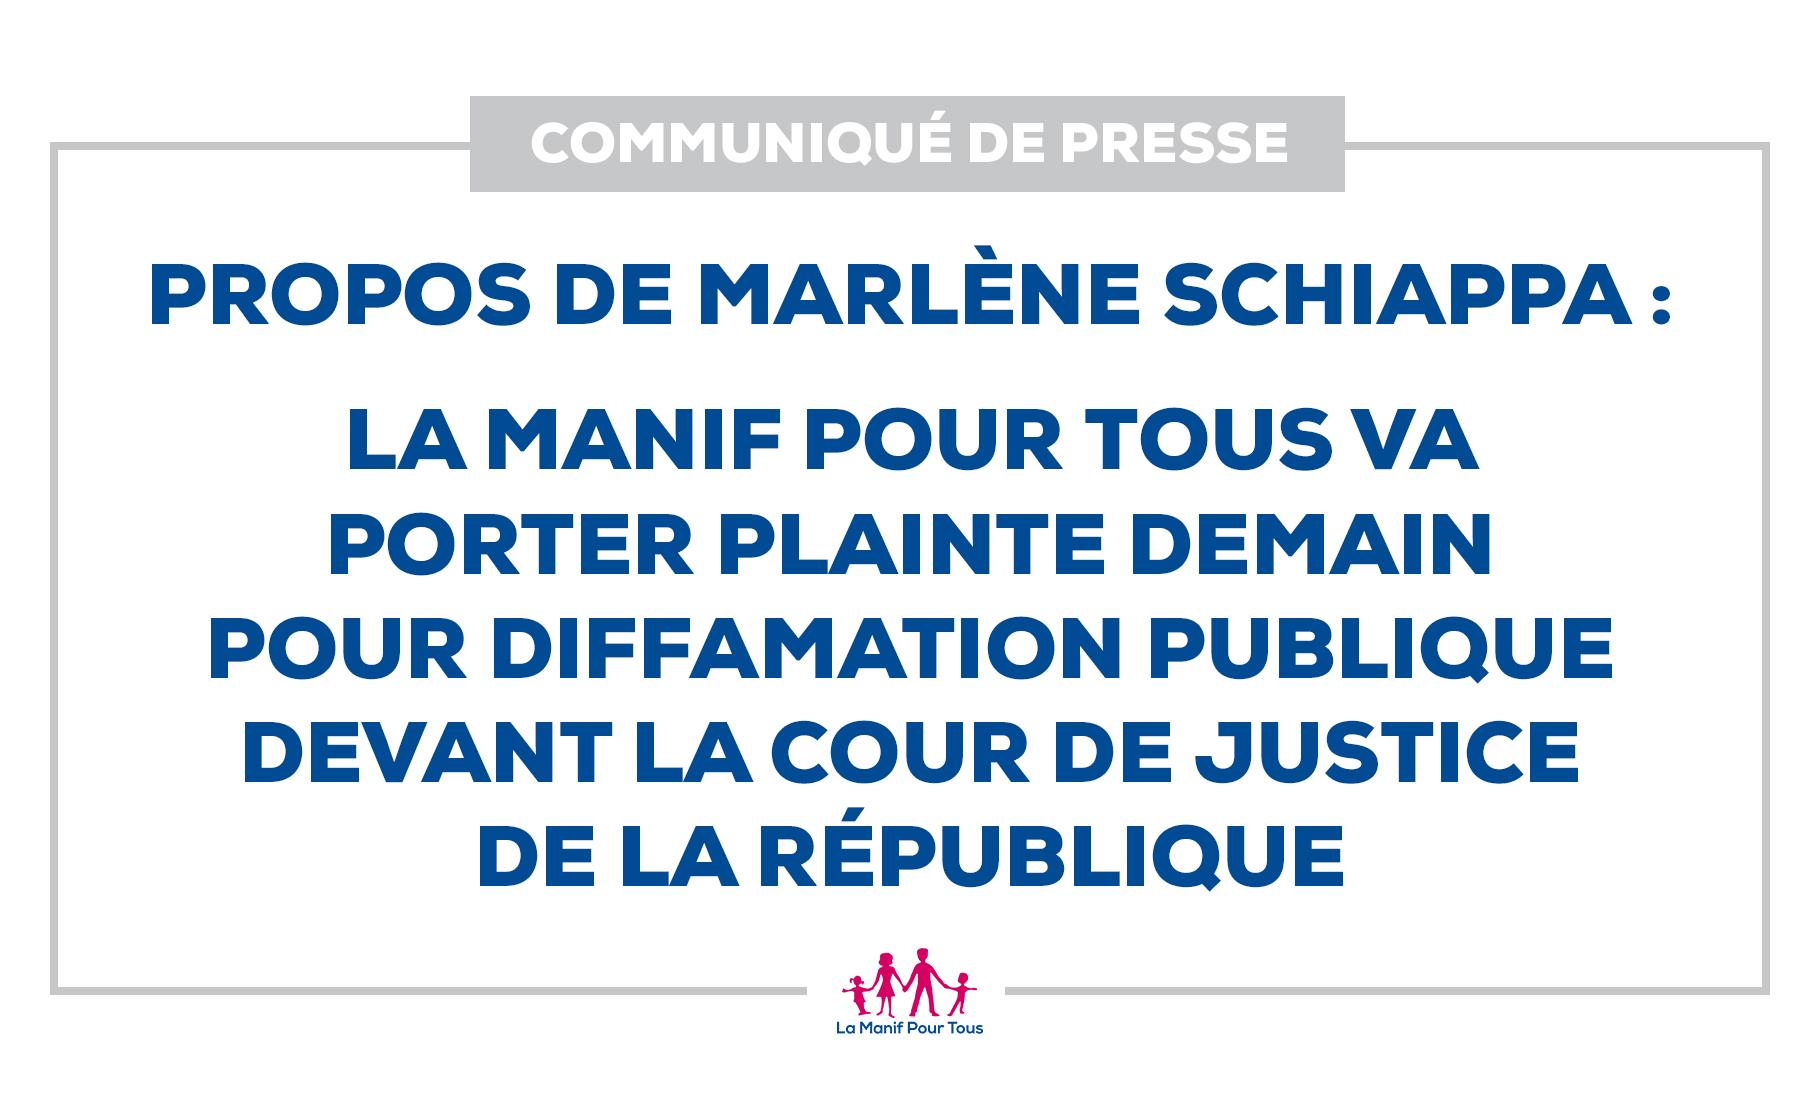 Image - Communiqué – Propos de Marlène Schiappa : La Manif Pour Tous va porter plainte demain pour diffamation publique devant la Cour de Justice de la République